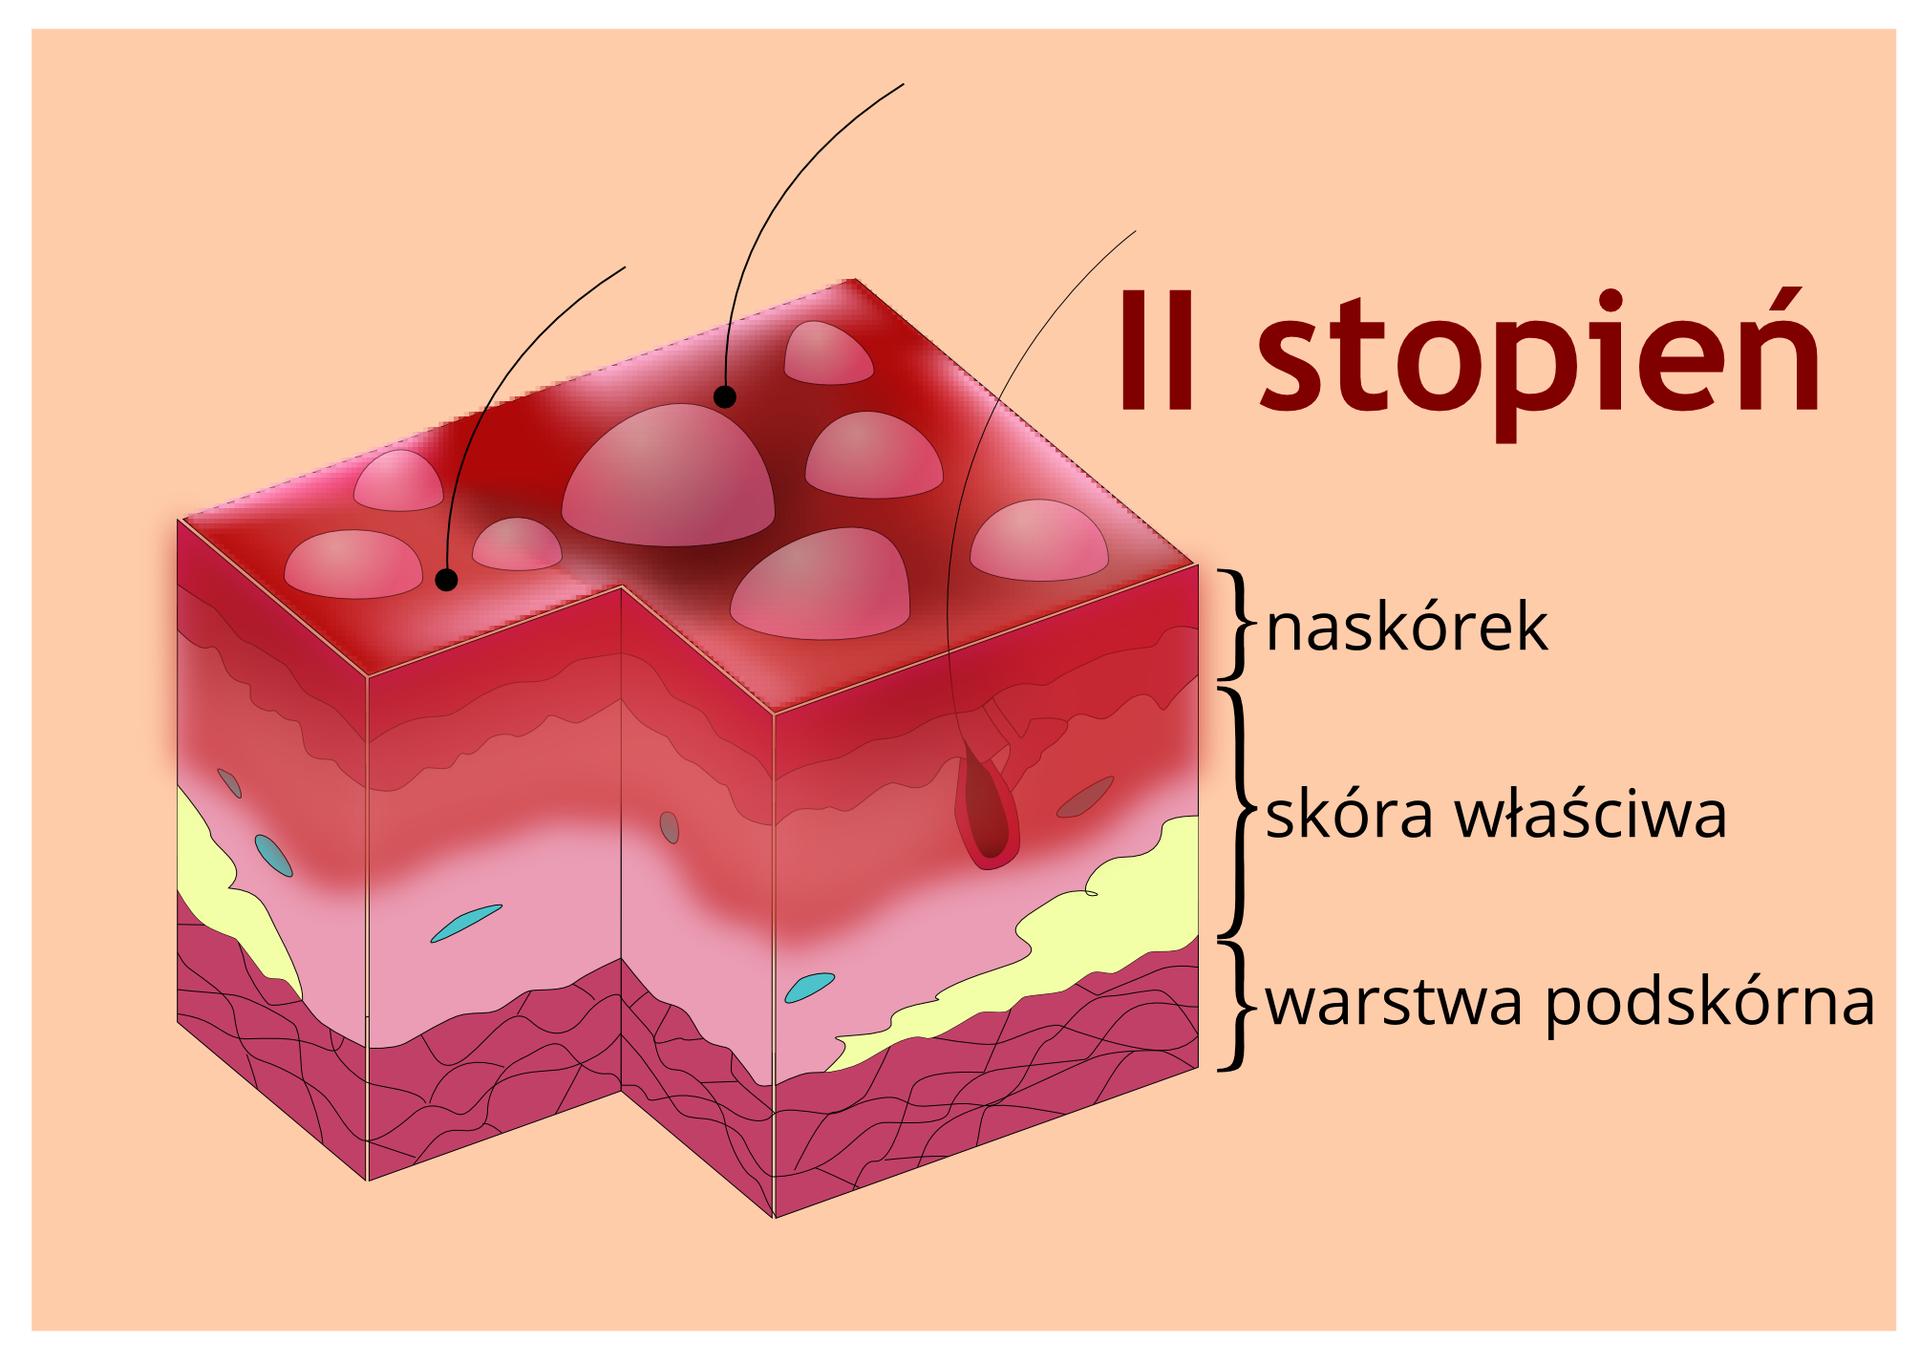 Element 2 – ilustracja omawiająca efekty II stopnia oparzenia. Łodygi włosowe wyrastają przez naskórek. Powierzchnia naskórka fioletowa, pokryta różowymi pęcherzami. Podpis: gorące płyny, wybuchy, płomienie; czas gojenia 2-4 tygodnie.